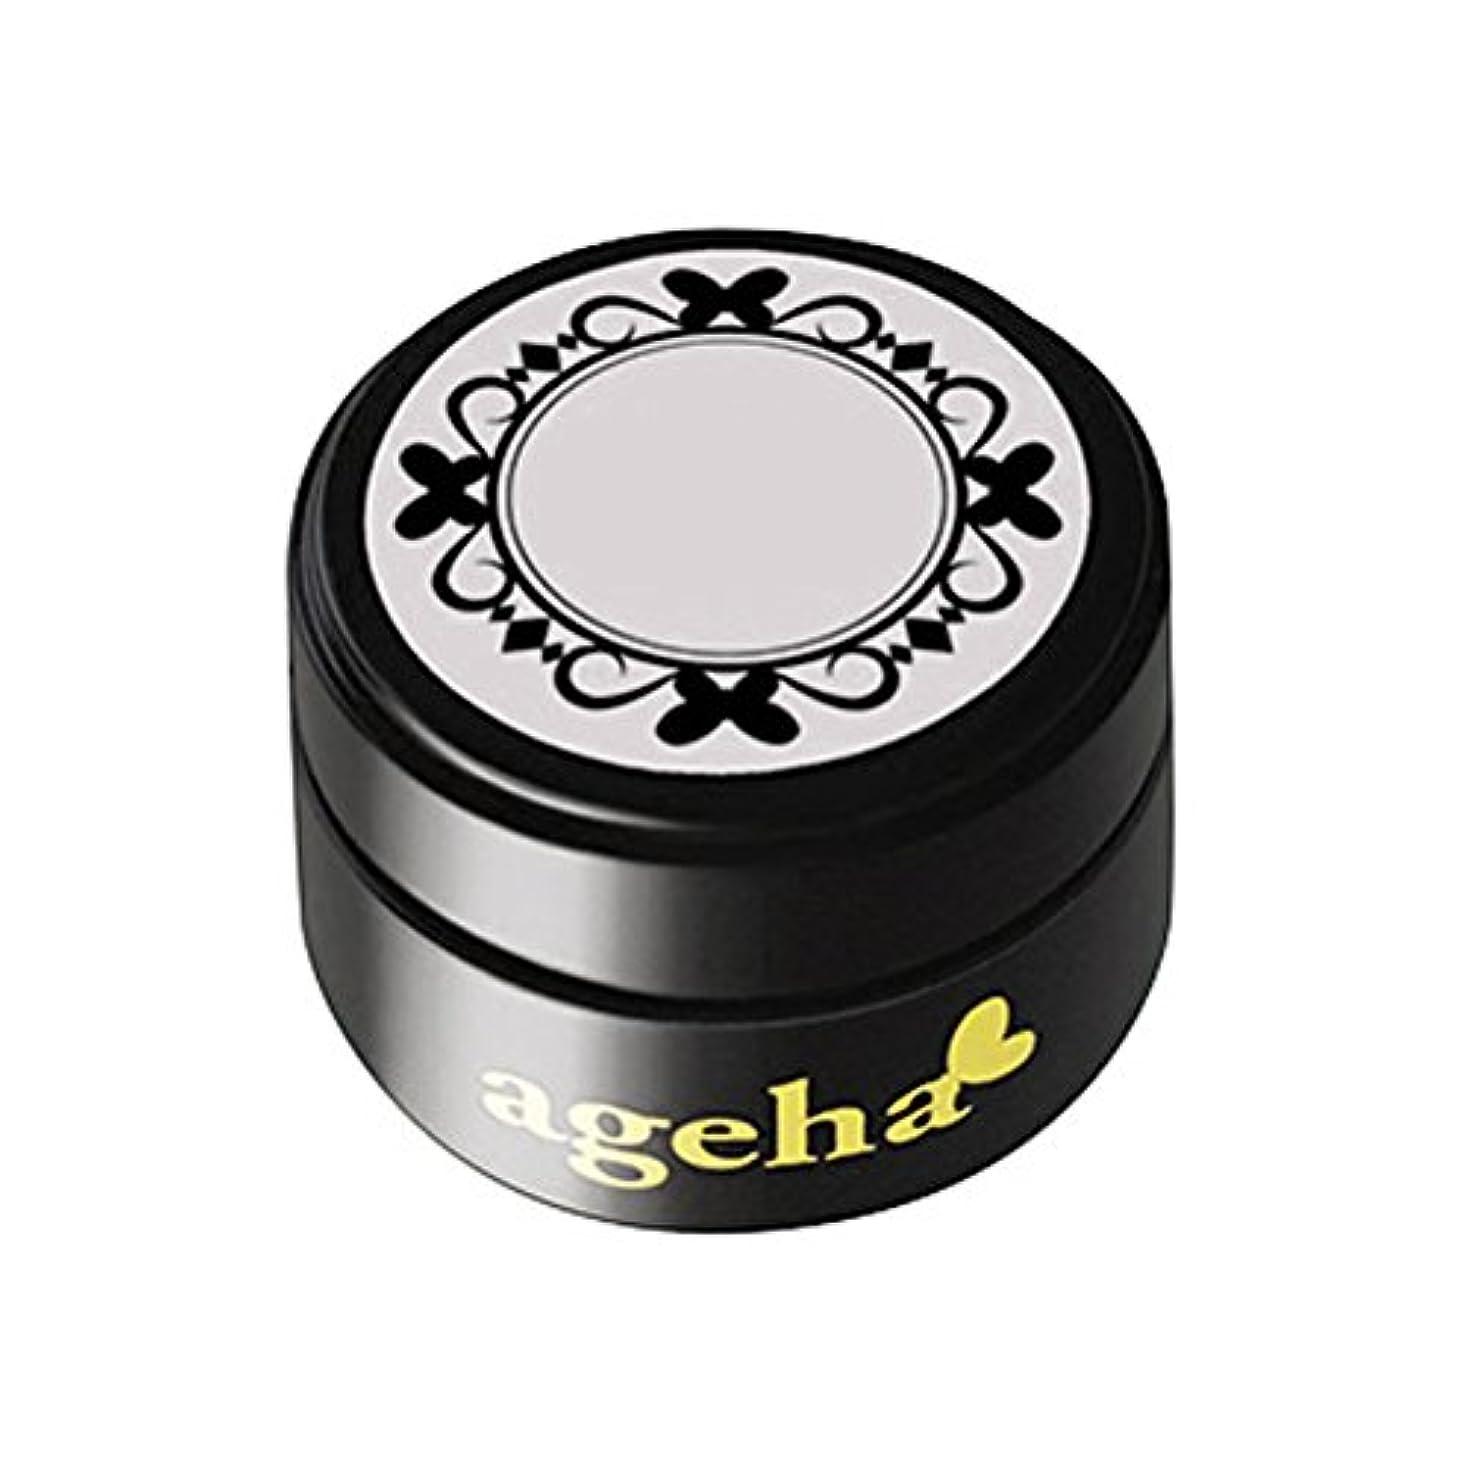 喉頭メーカー発症ageha gel カラージェル コスメカラー 100 ピュアホワイト 2.7g UV/LED対応タイオウ